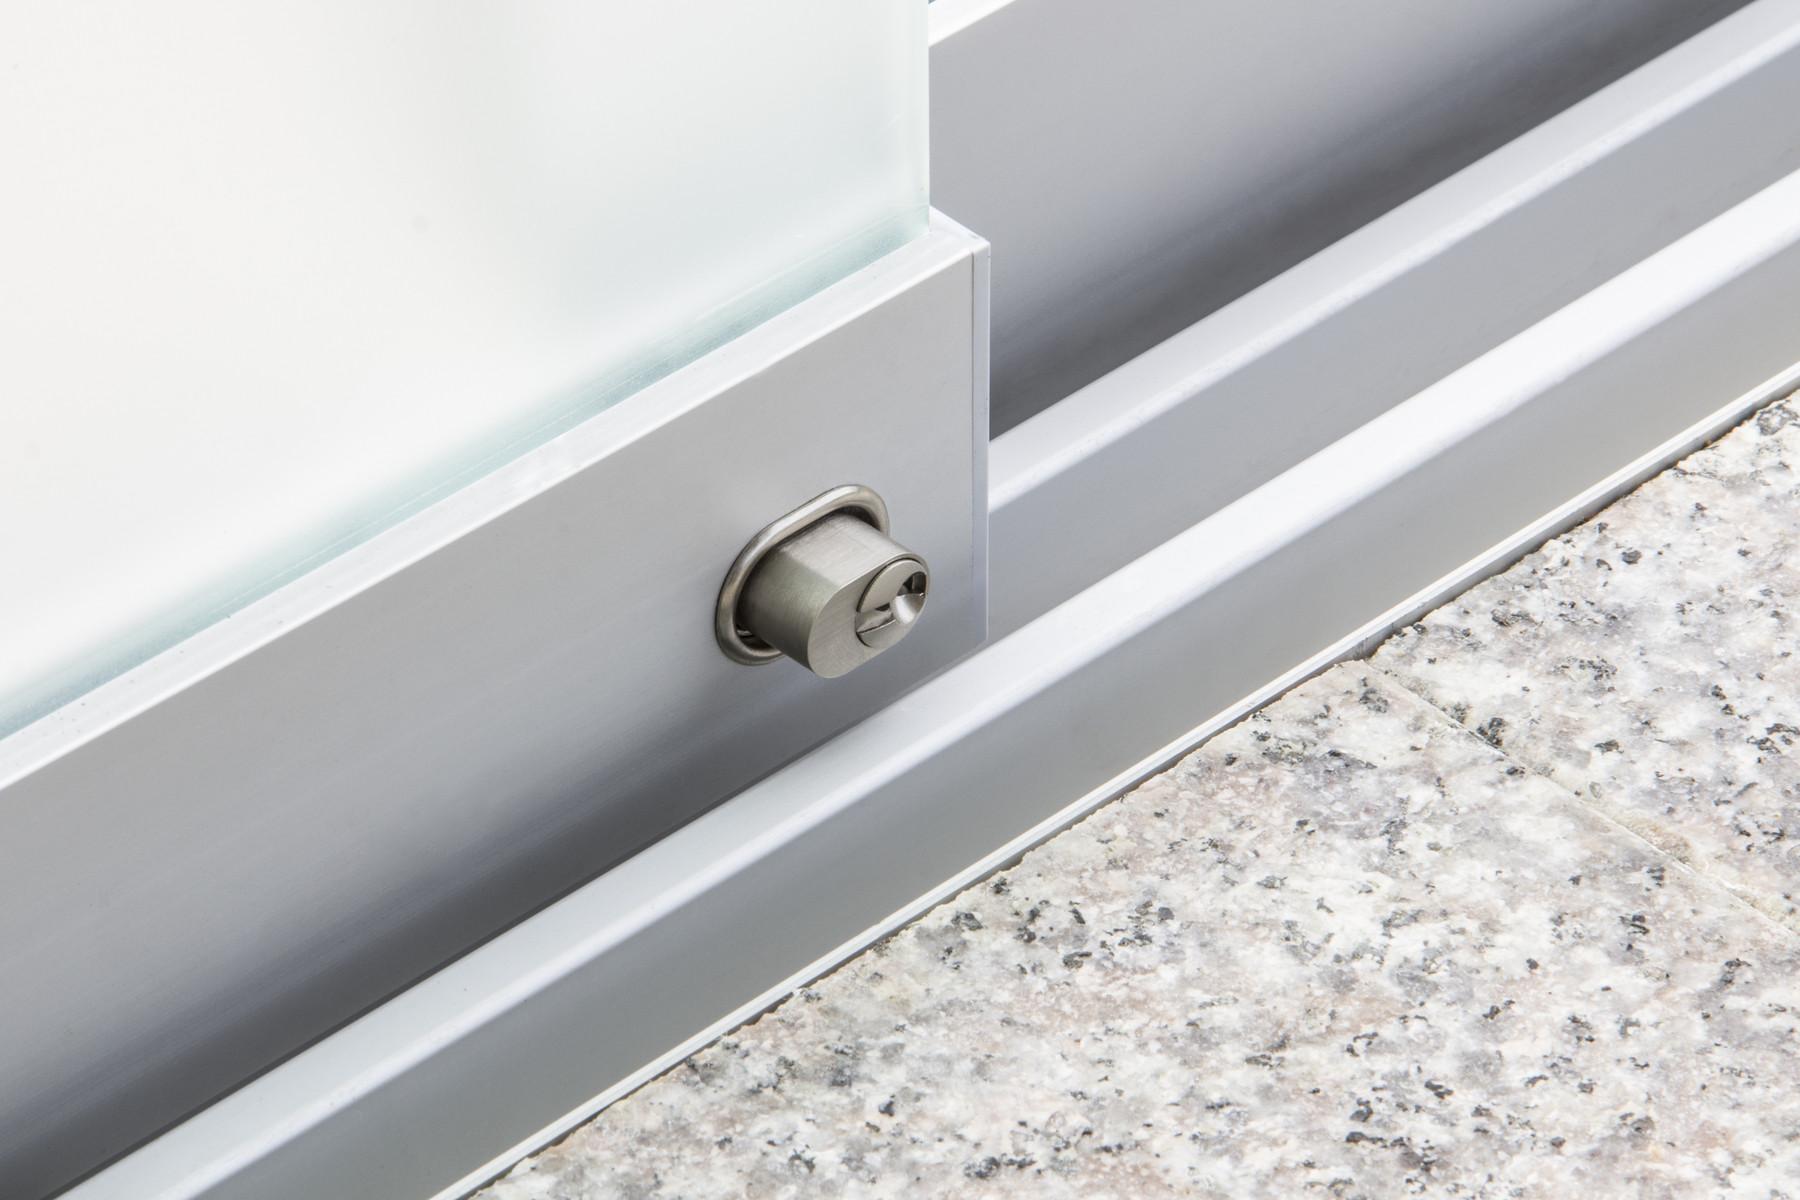 balkon und sitzplatzverglasungen welches system eignet sich news glasvetia. Black Bedroom Furniture Sets. Home Design Ideas